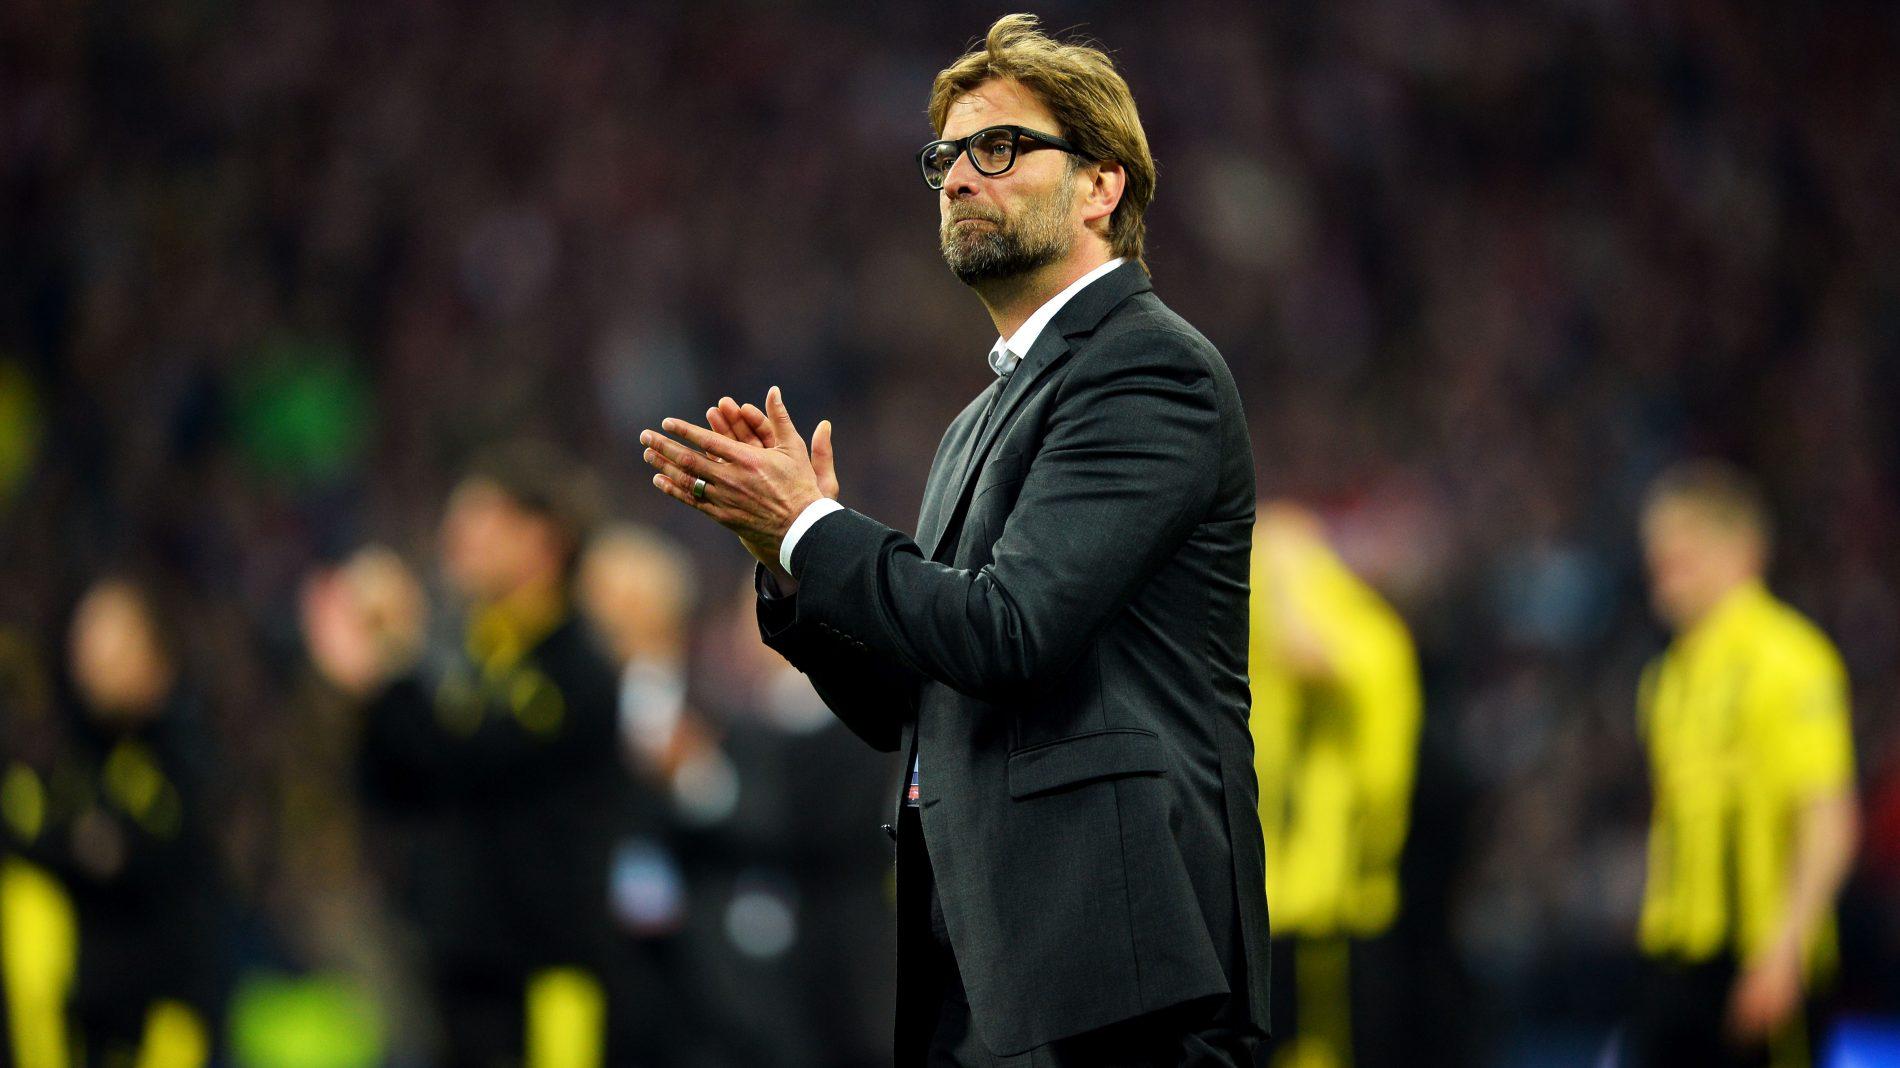 多特主帅:克洛普是世界最佳教练,影响了德国和欧洲足球